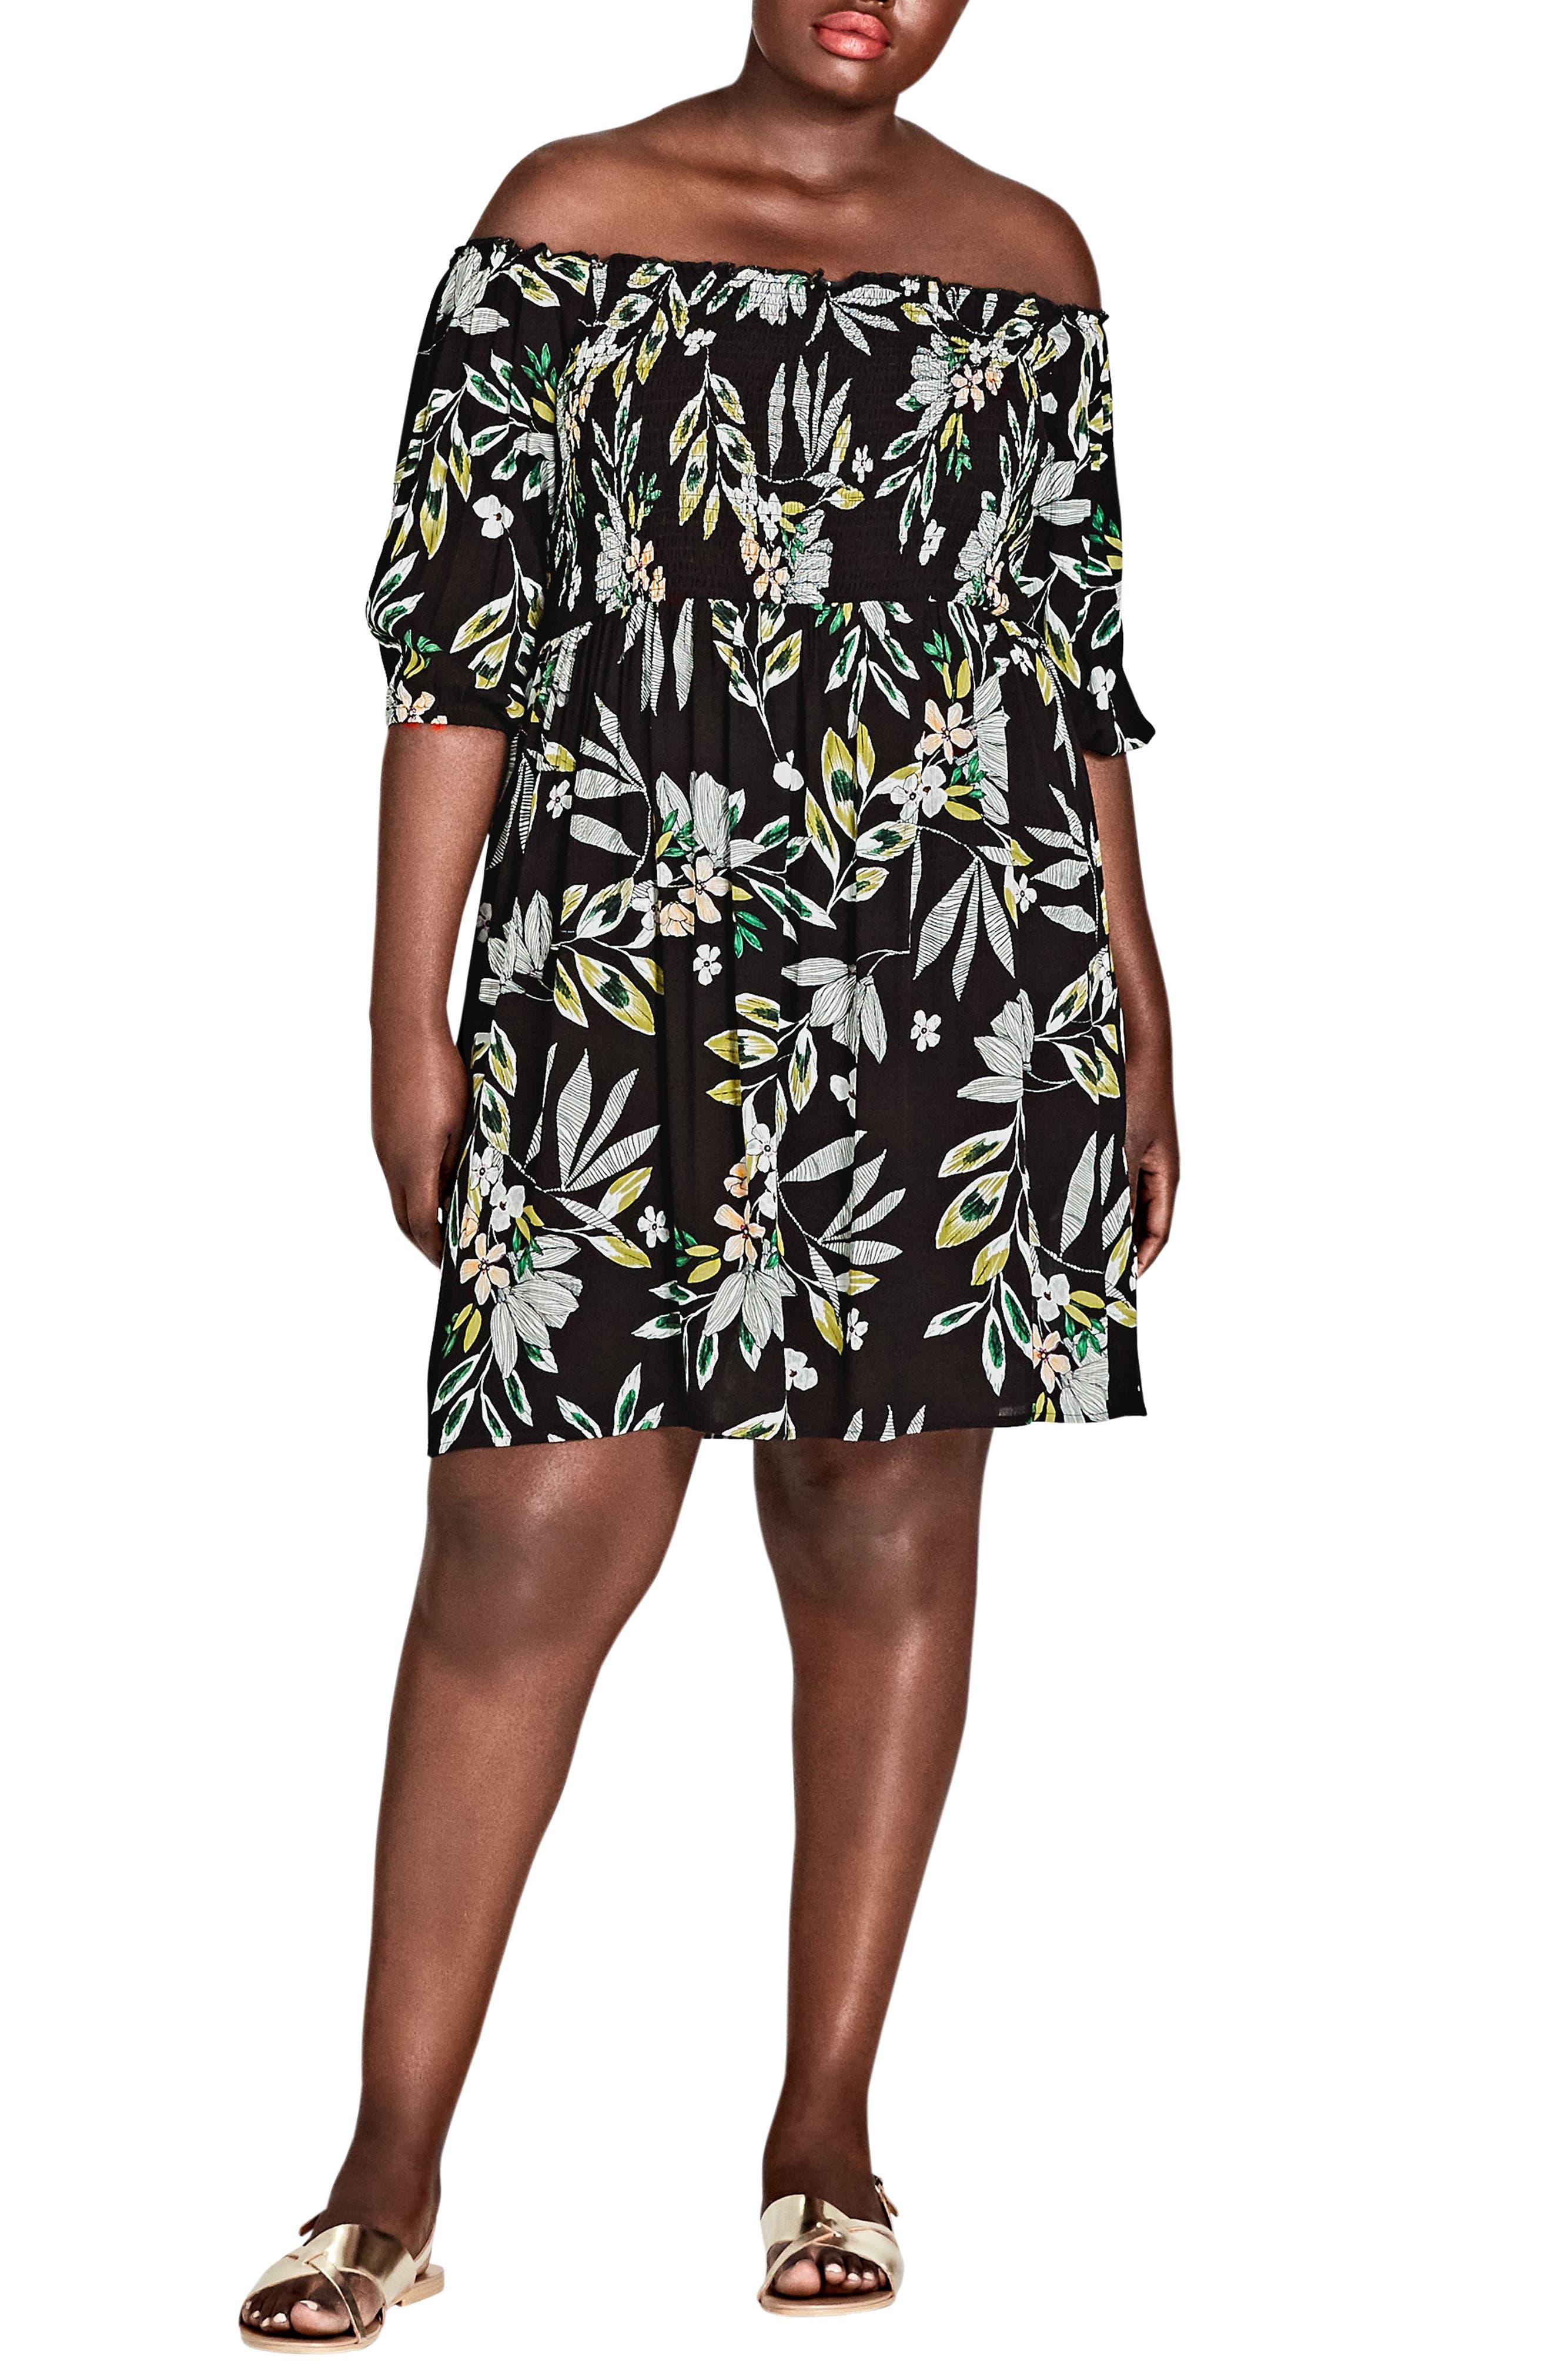 Maui Floral Off the Shoulder Dress,                             Main thumbnail 1, color,                             MAUI FLORAL